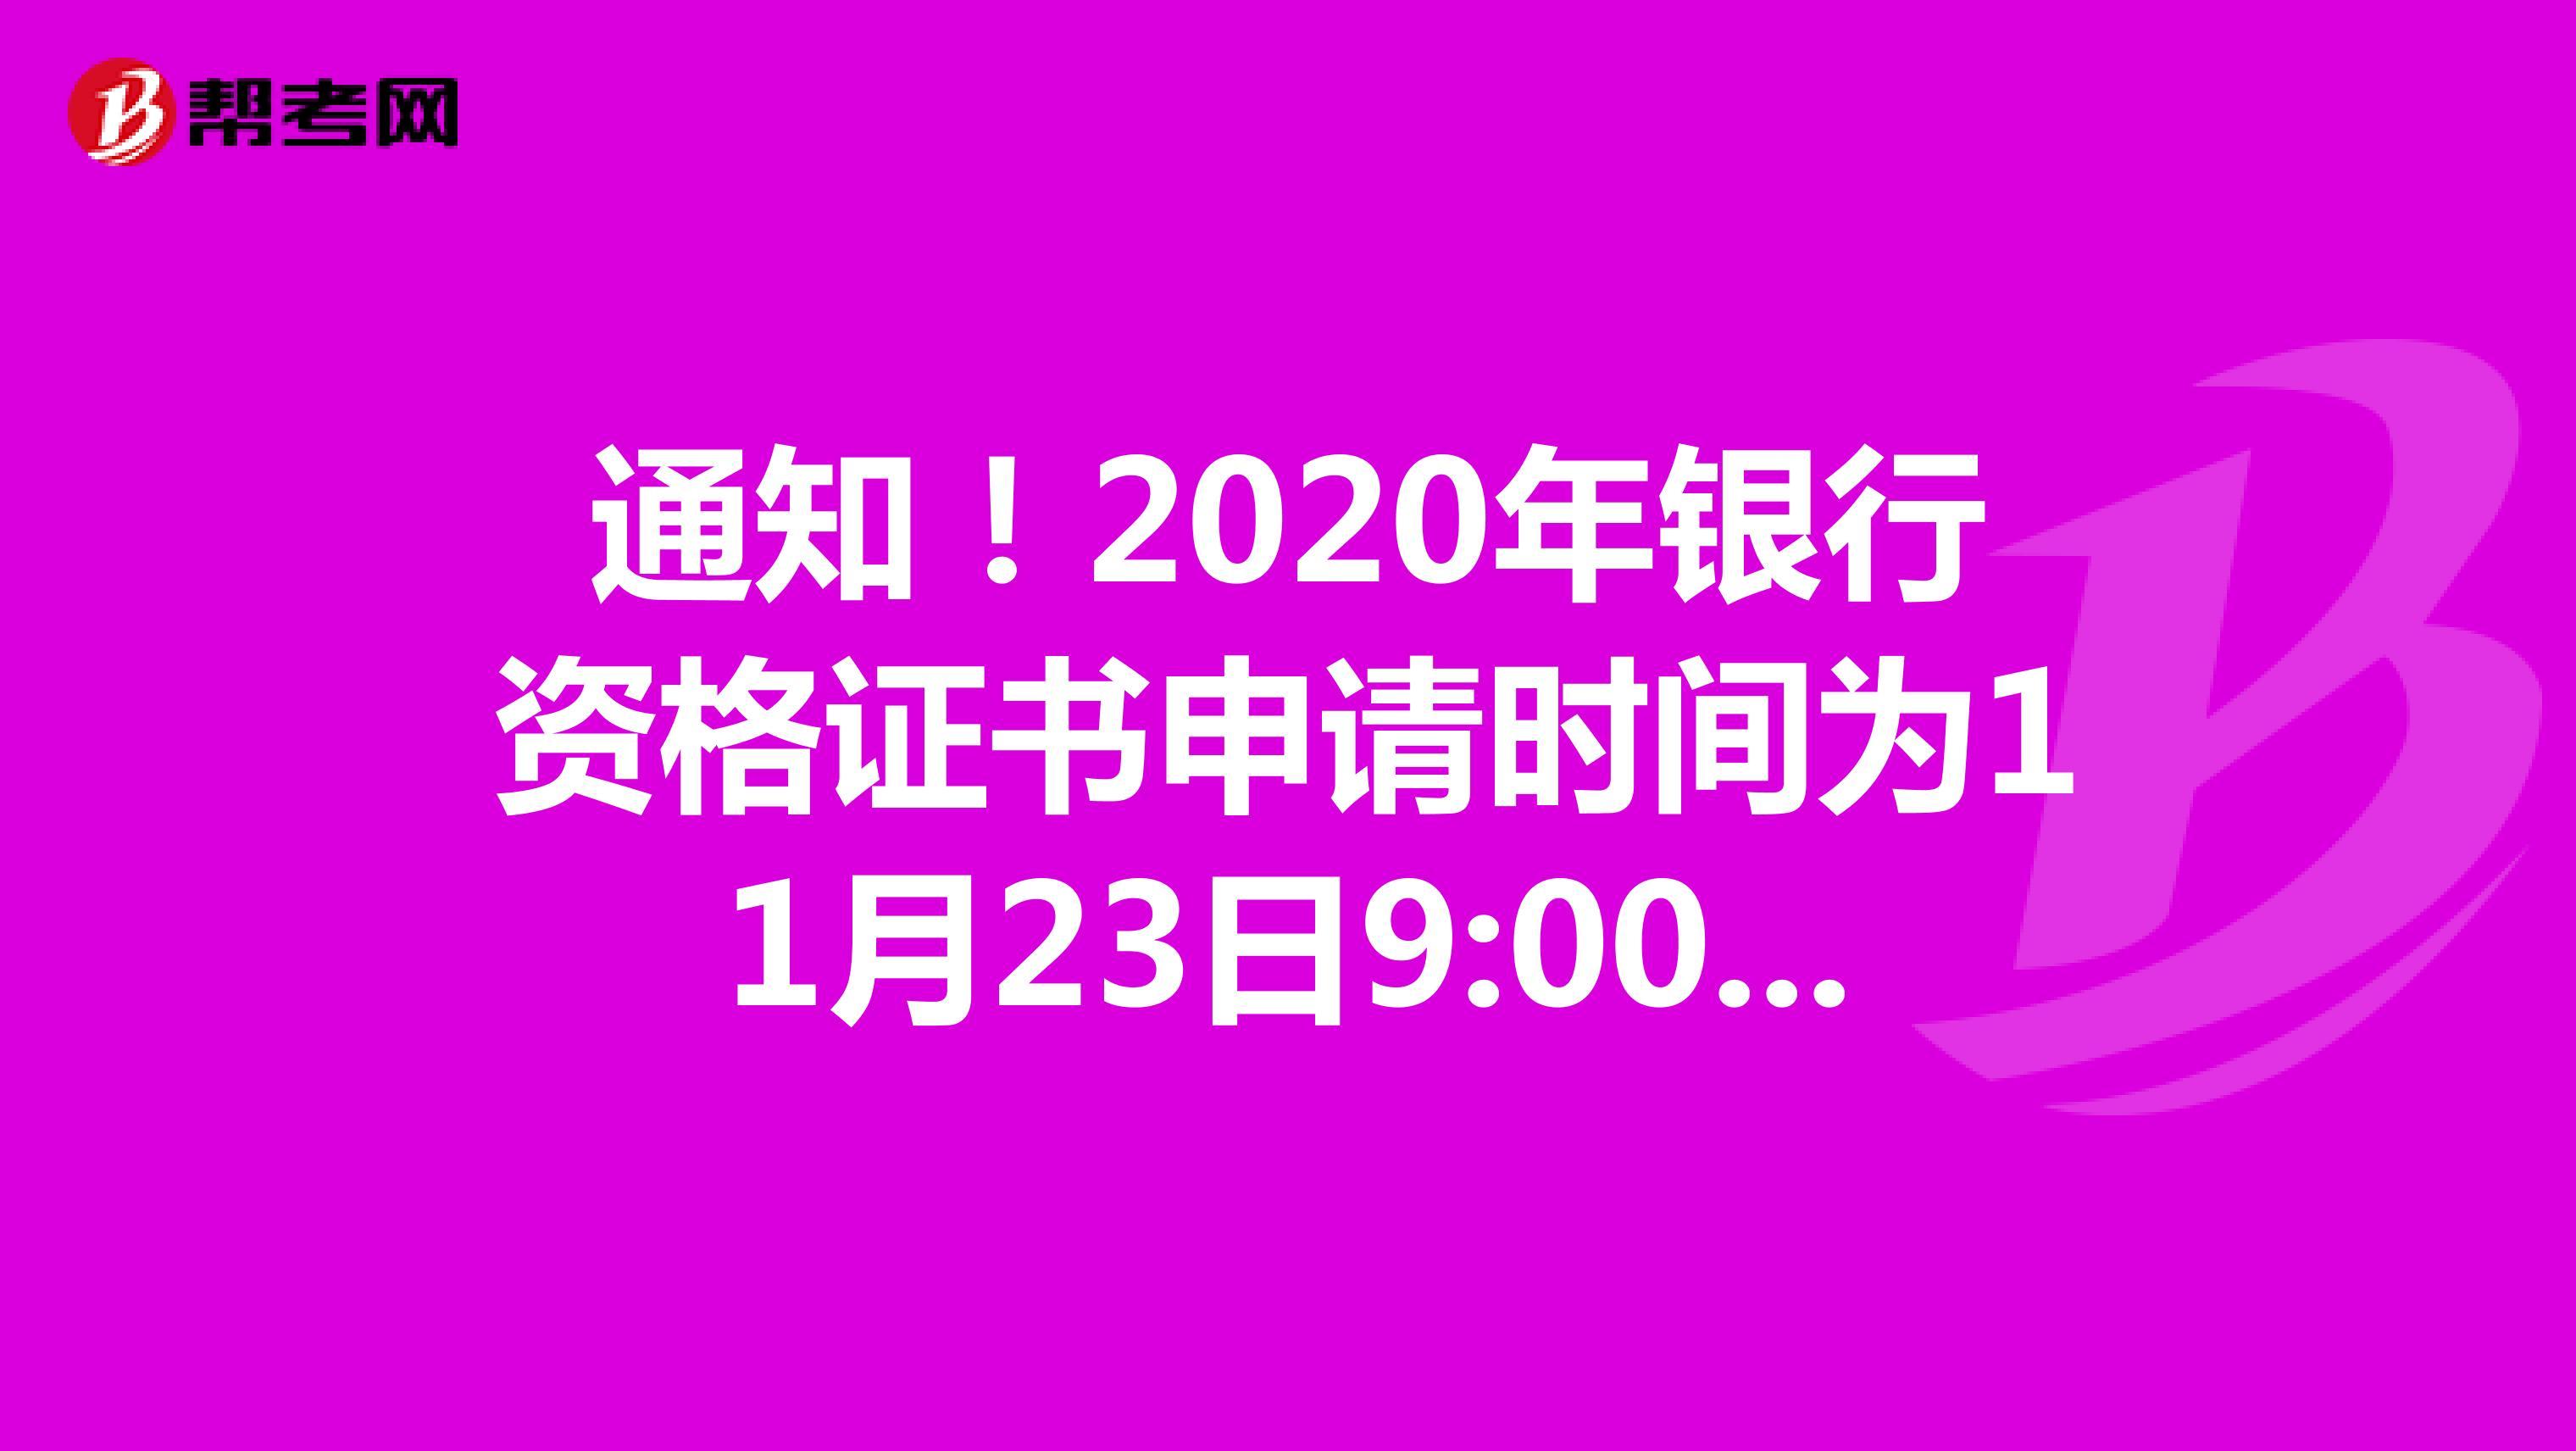 通知!2020年銀行資格證書申請時間為11月23日9:00至12月4日17:00